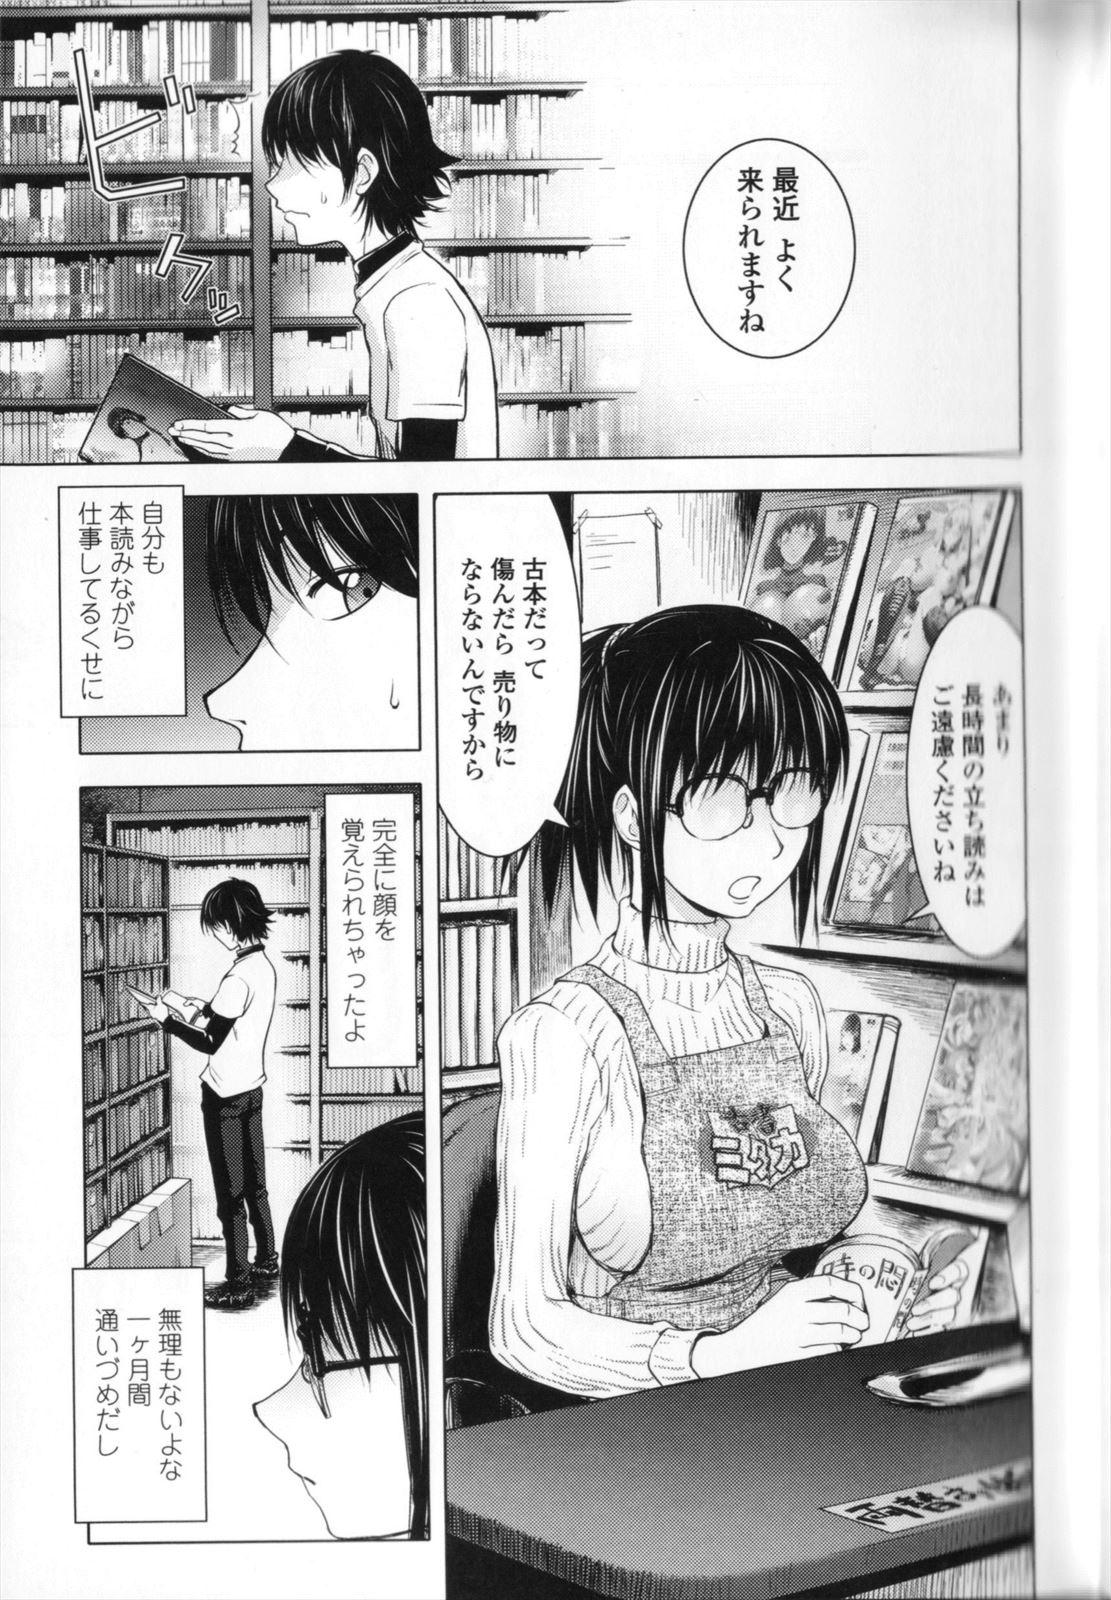 【エロ漫画】顔を覚えられている女性店員からエロ写真集を買ったら実は店員が写真集の女性でセックス出来たwww